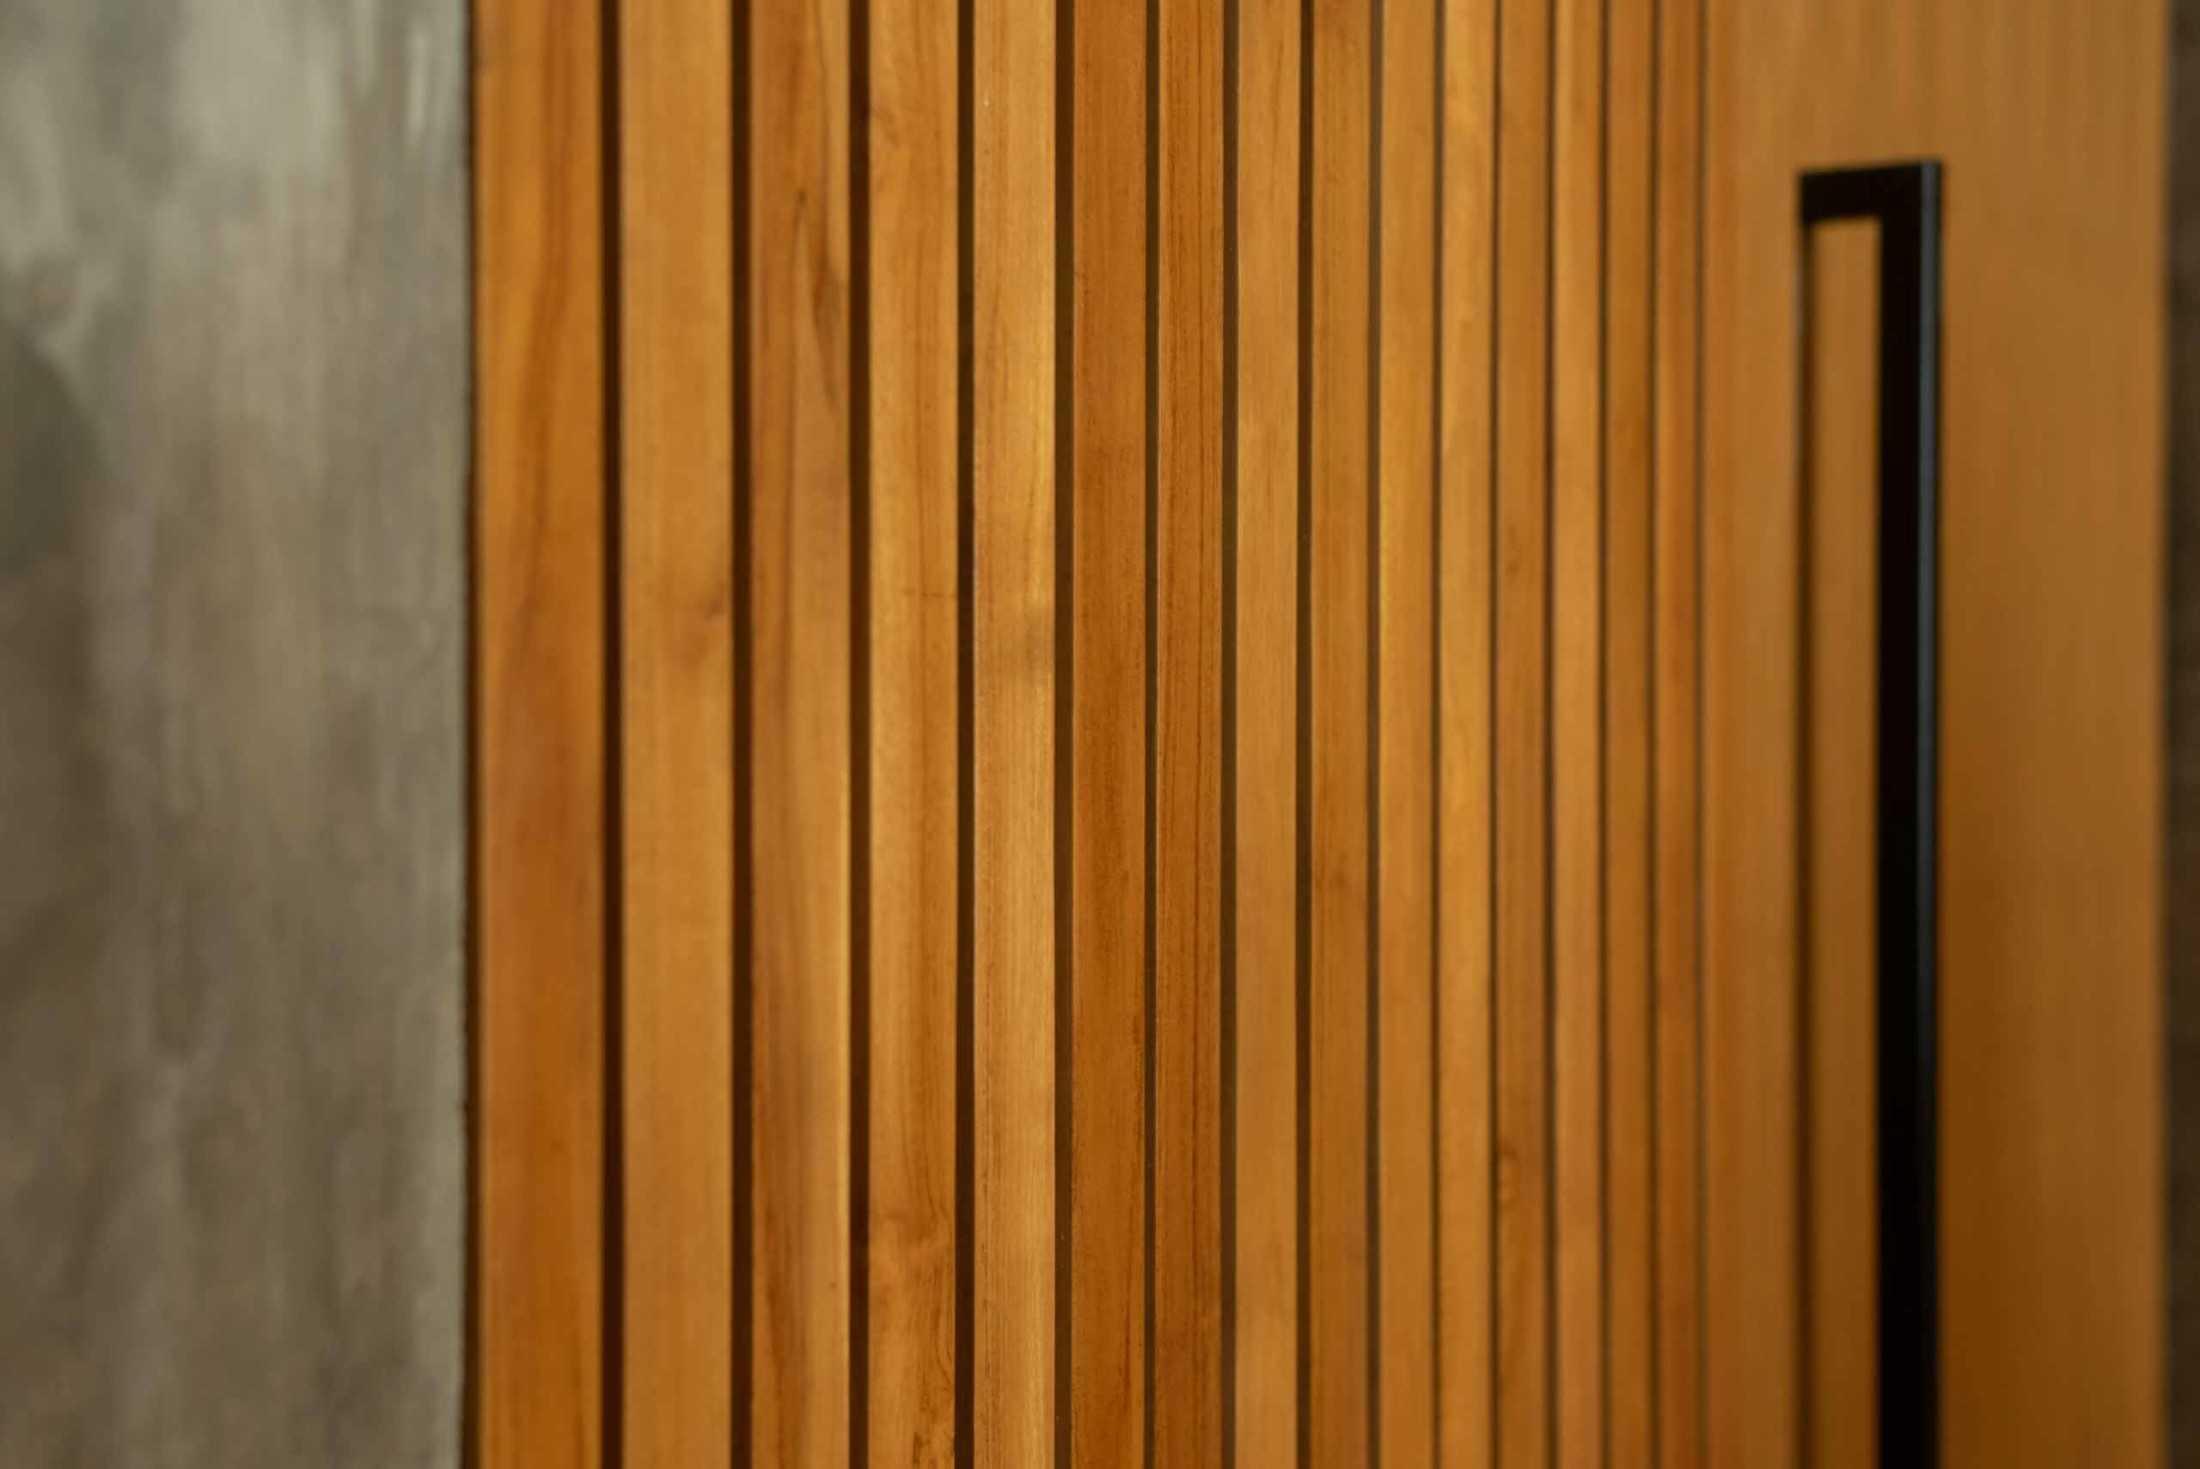 Oxo Arc Stone Milker' Yogyakarta, Kota Yogyakarta, Daerah Istimewa Yogyakarta, Indonesia Yogyakarta, Kota Yogyakarta, Daerah Istimewa Yogyakarta, Indonesia Oxo-Arc-Stone-Milker Modern 116703